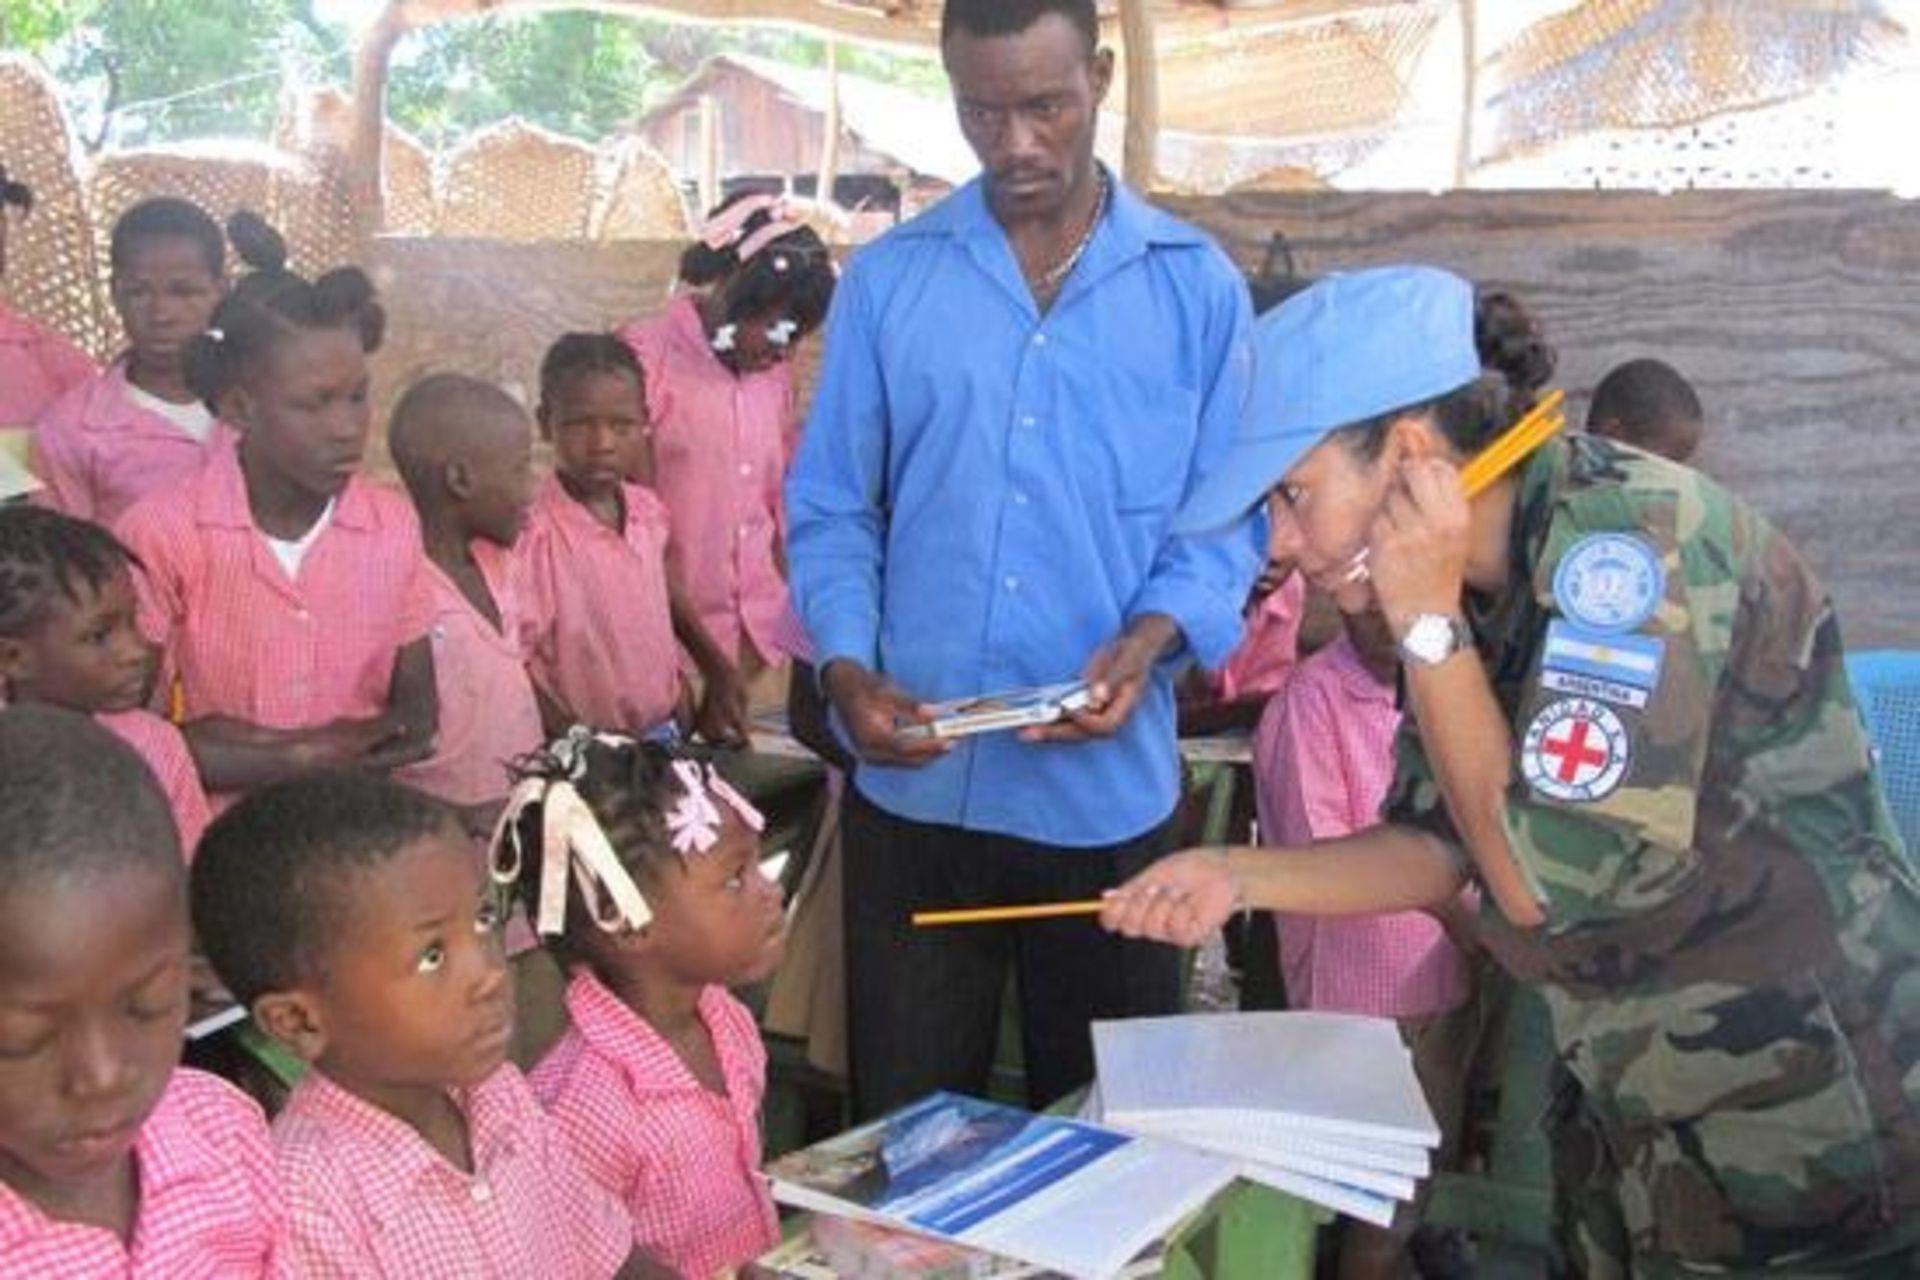 La tarea de Claudia Fabián en Haití era, especialmente, humanitaria